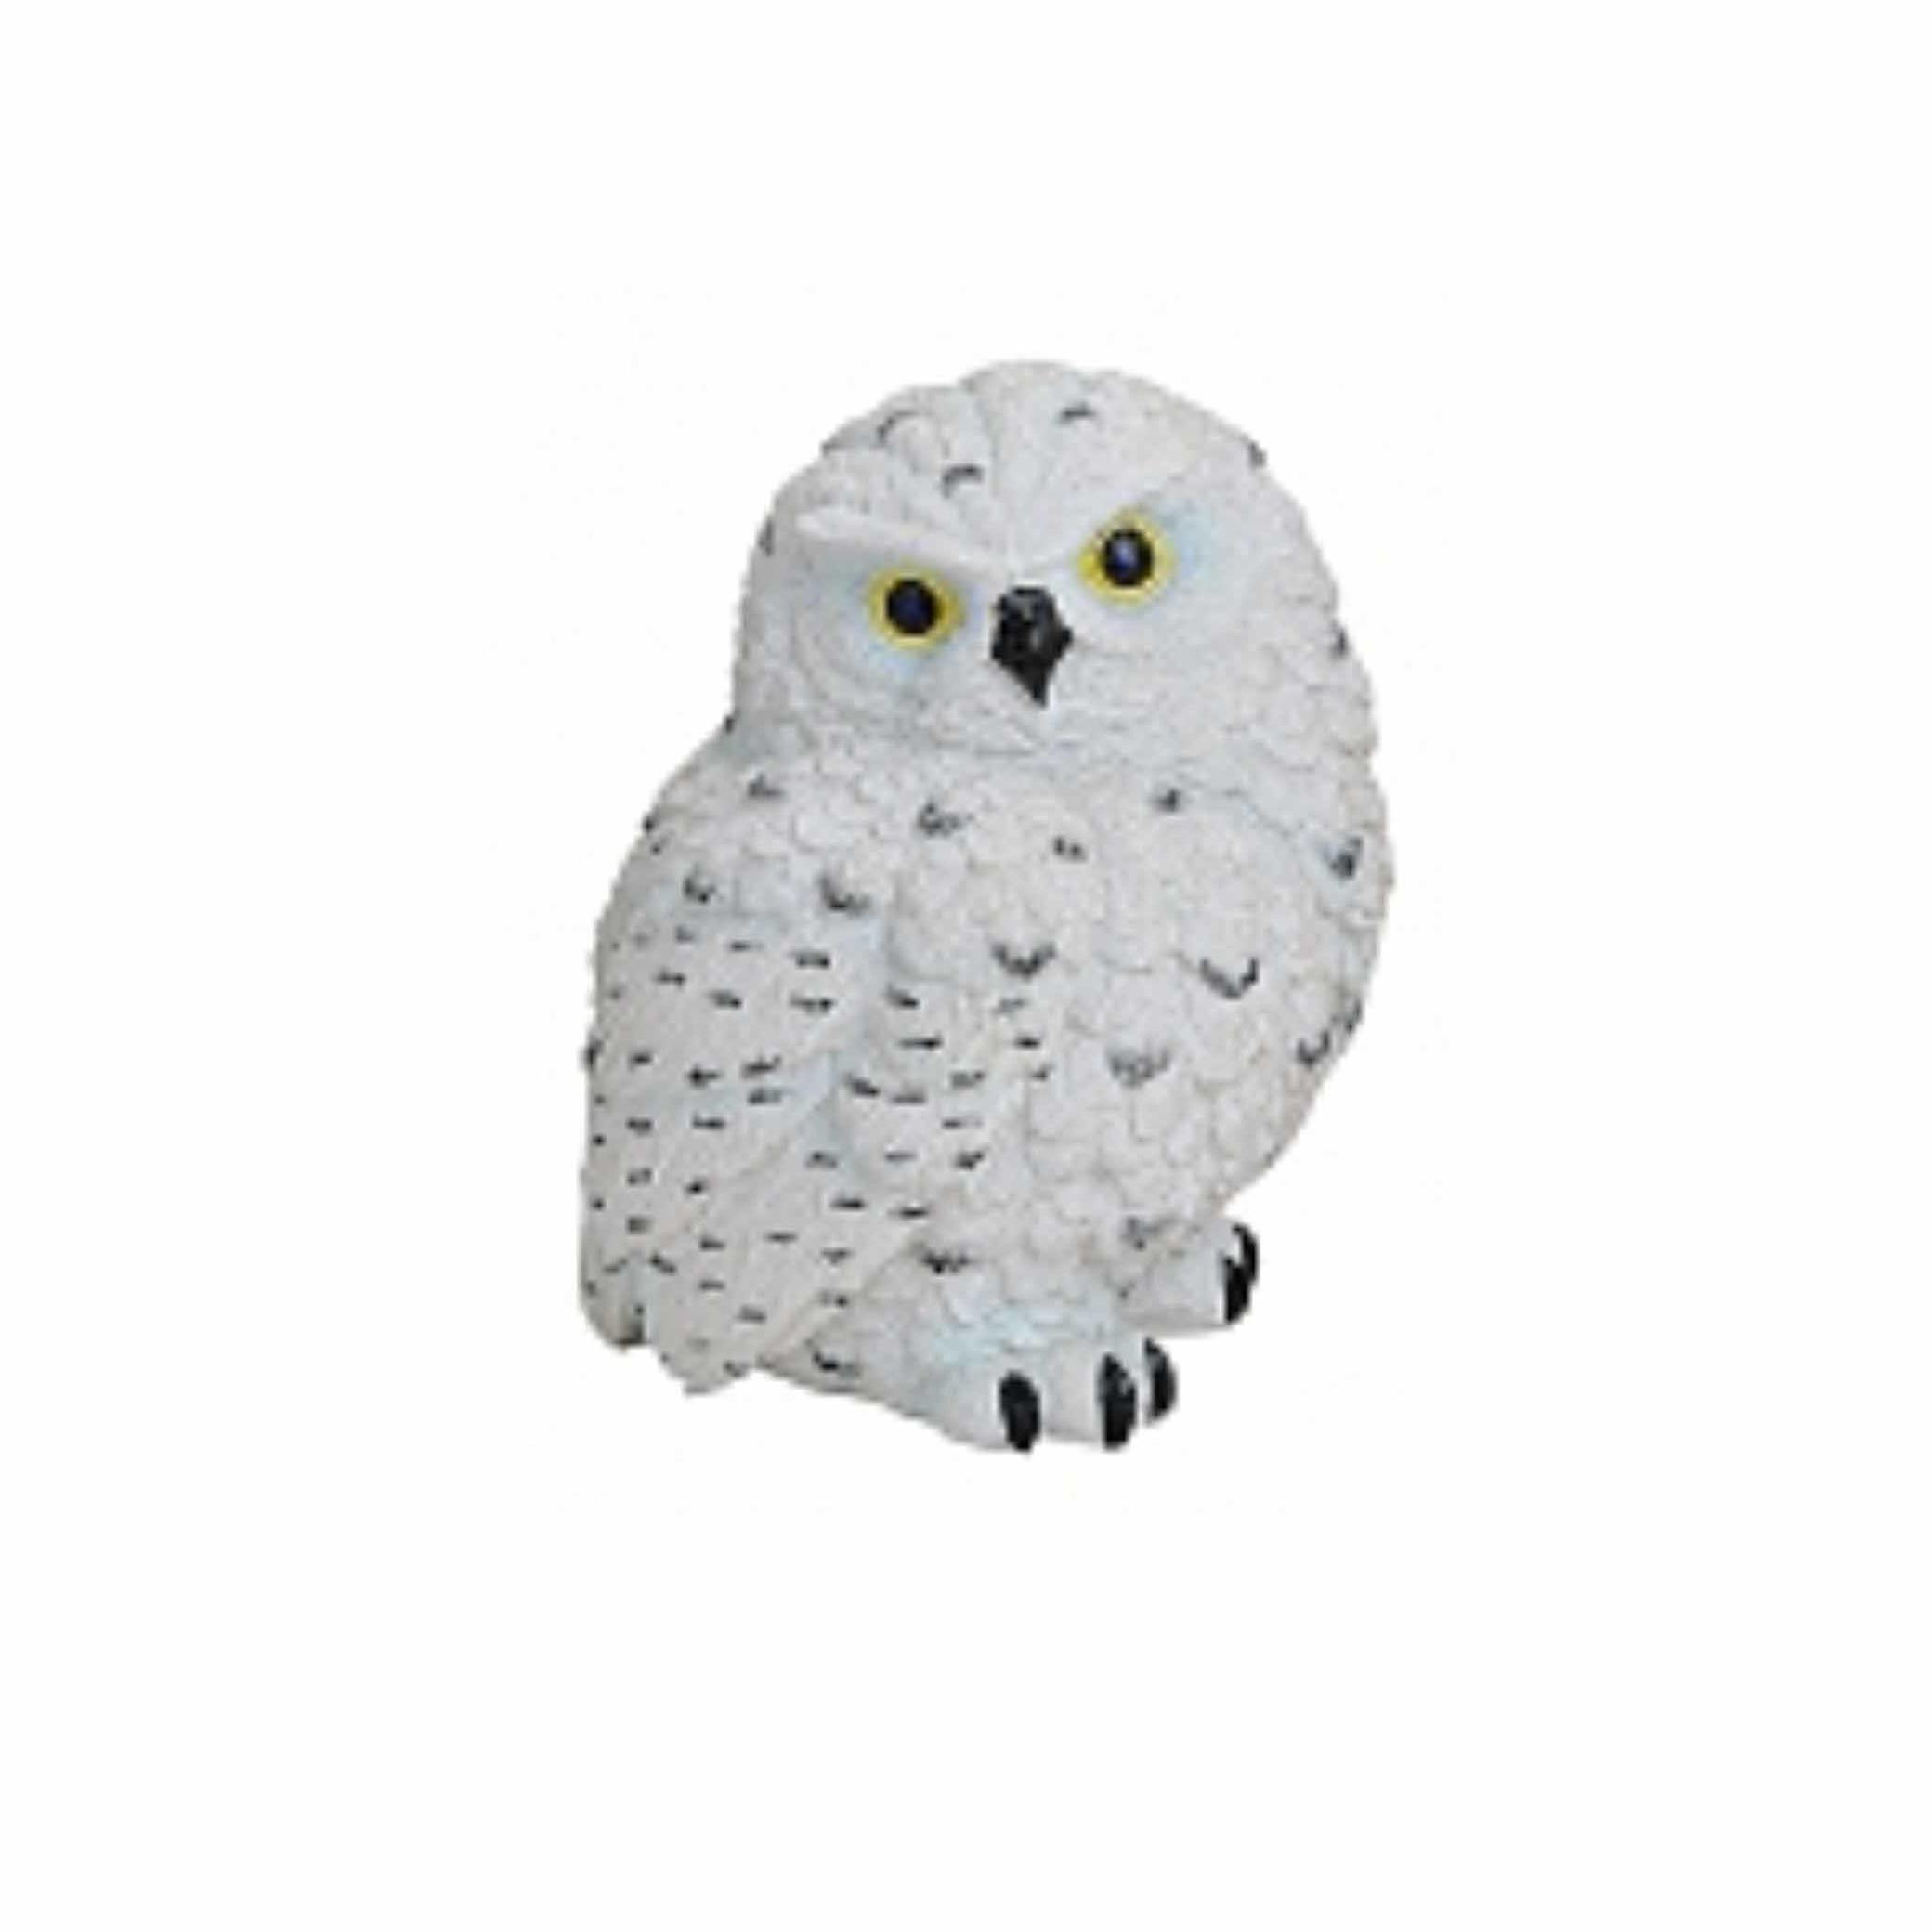 Witte decoratie beeldje sneeuwuil 11 cm